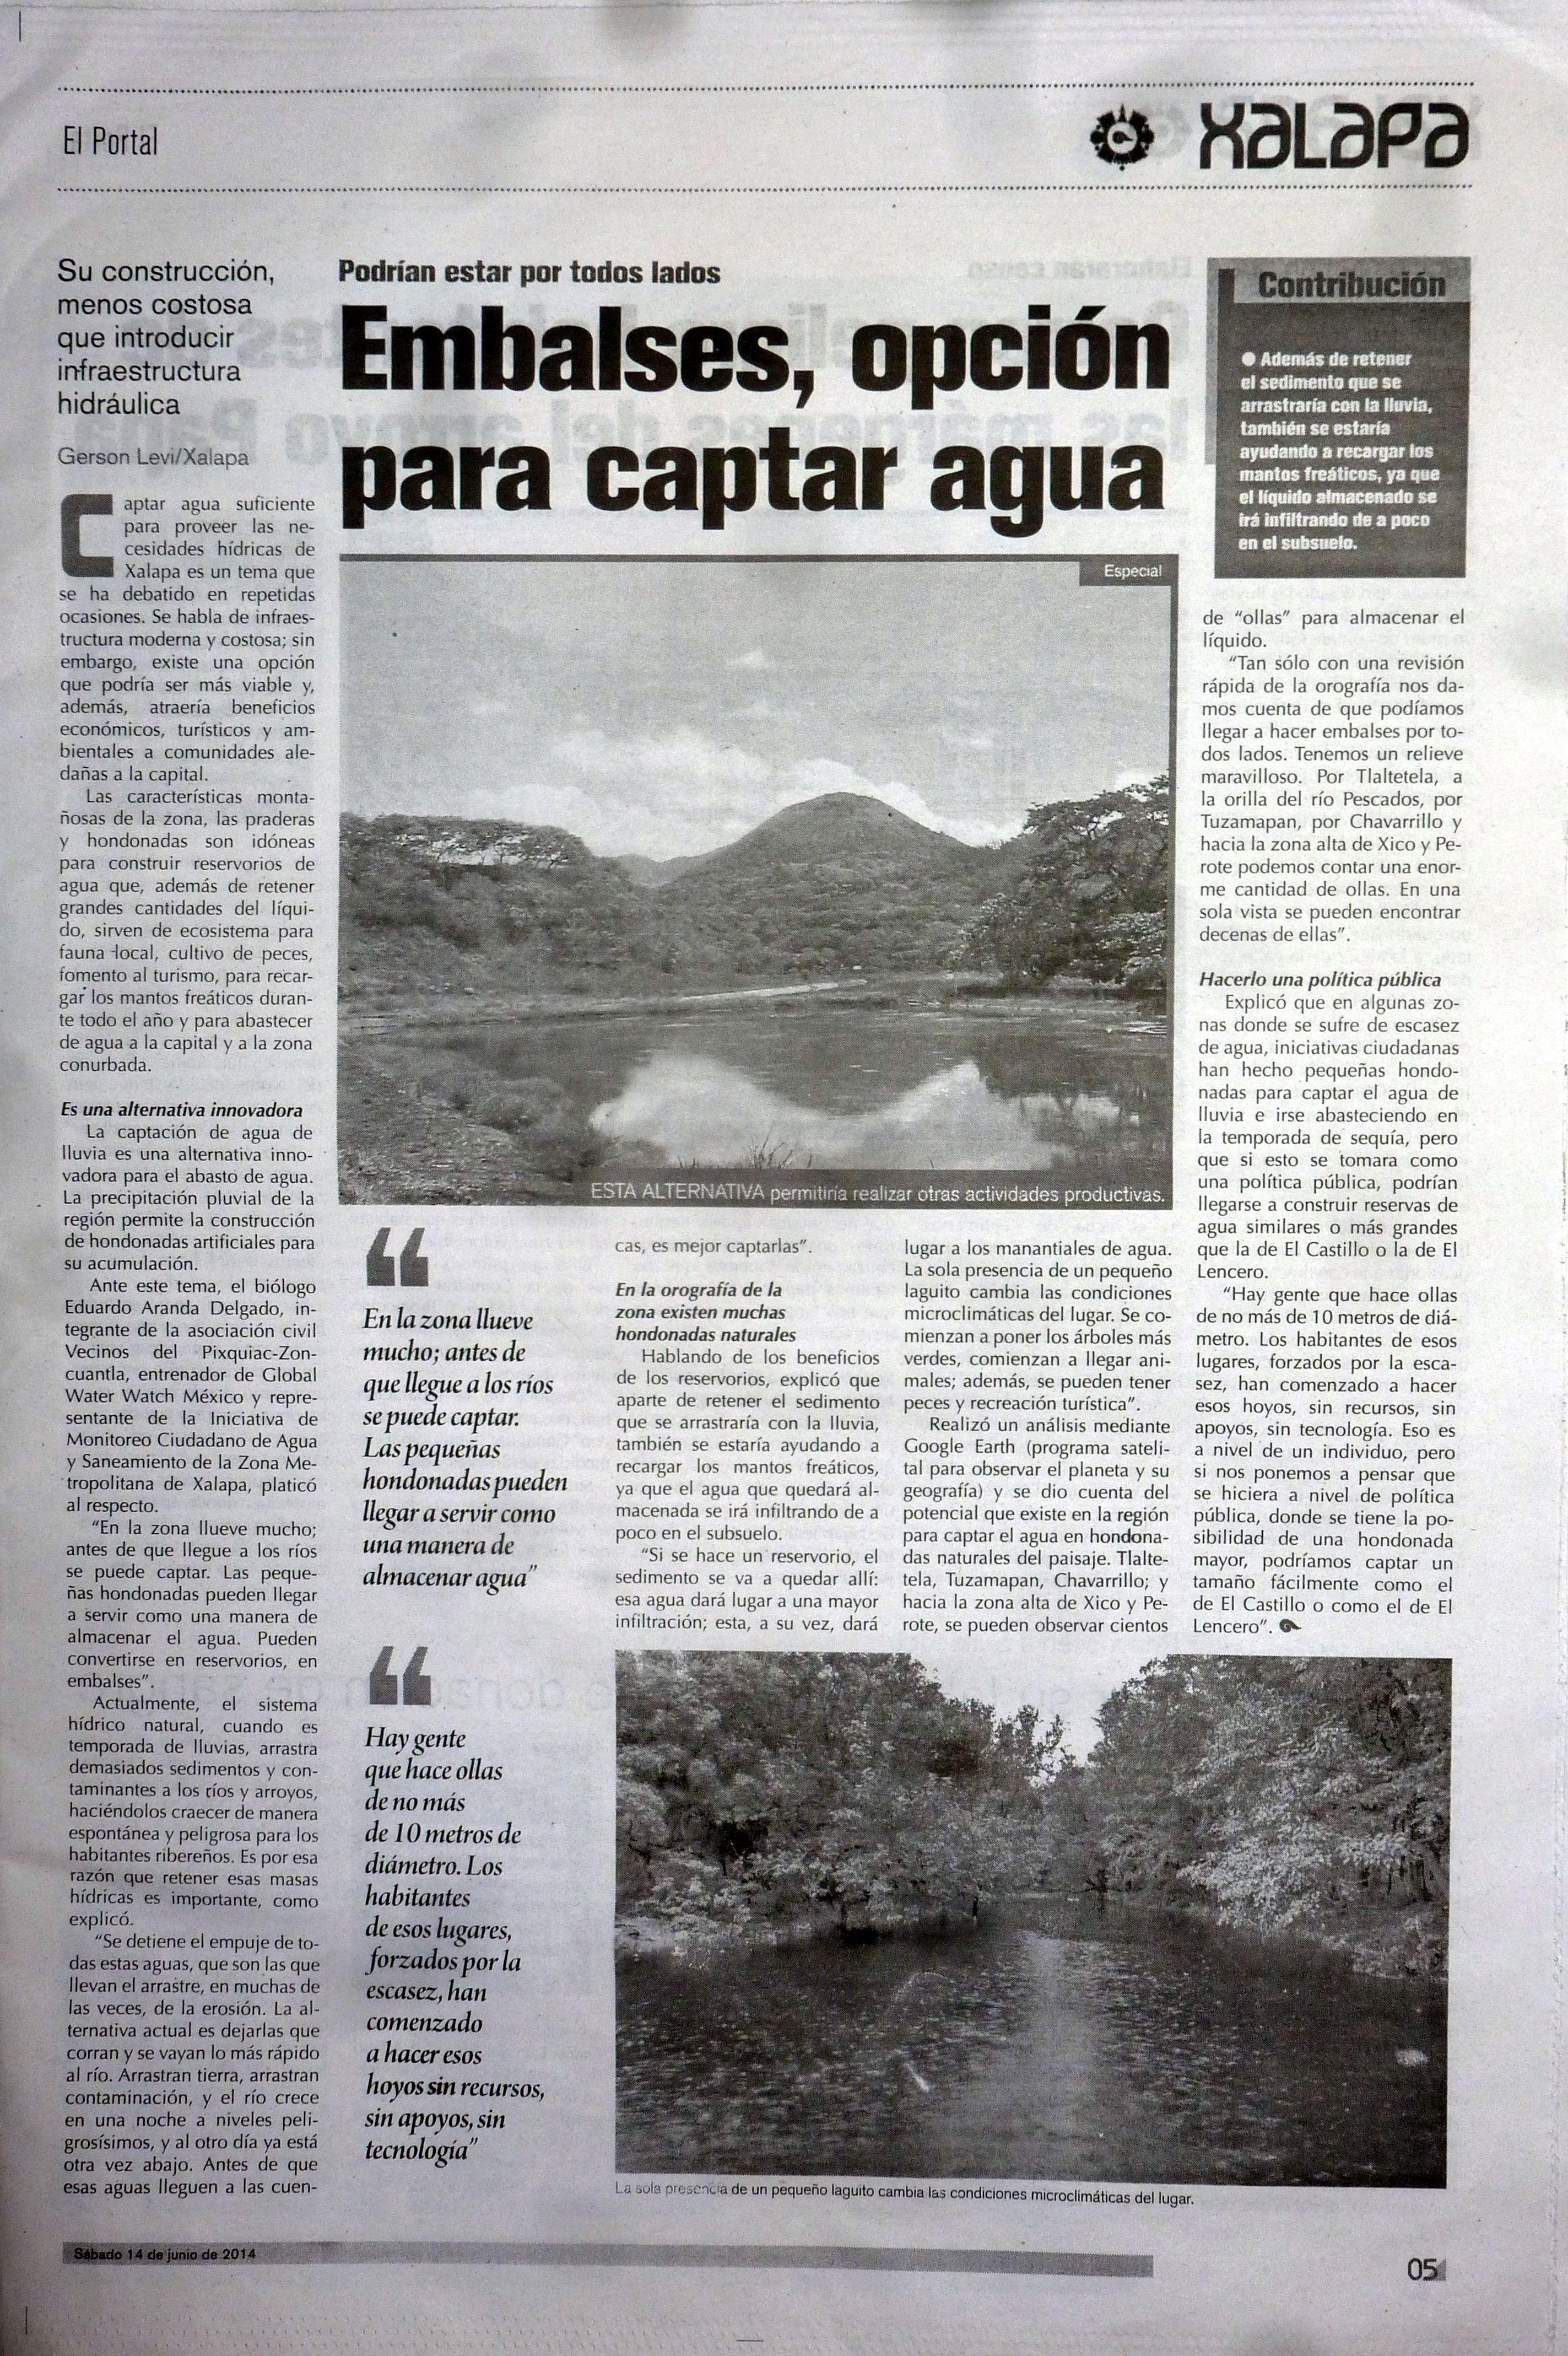 Embalses de Agua El Portal 2